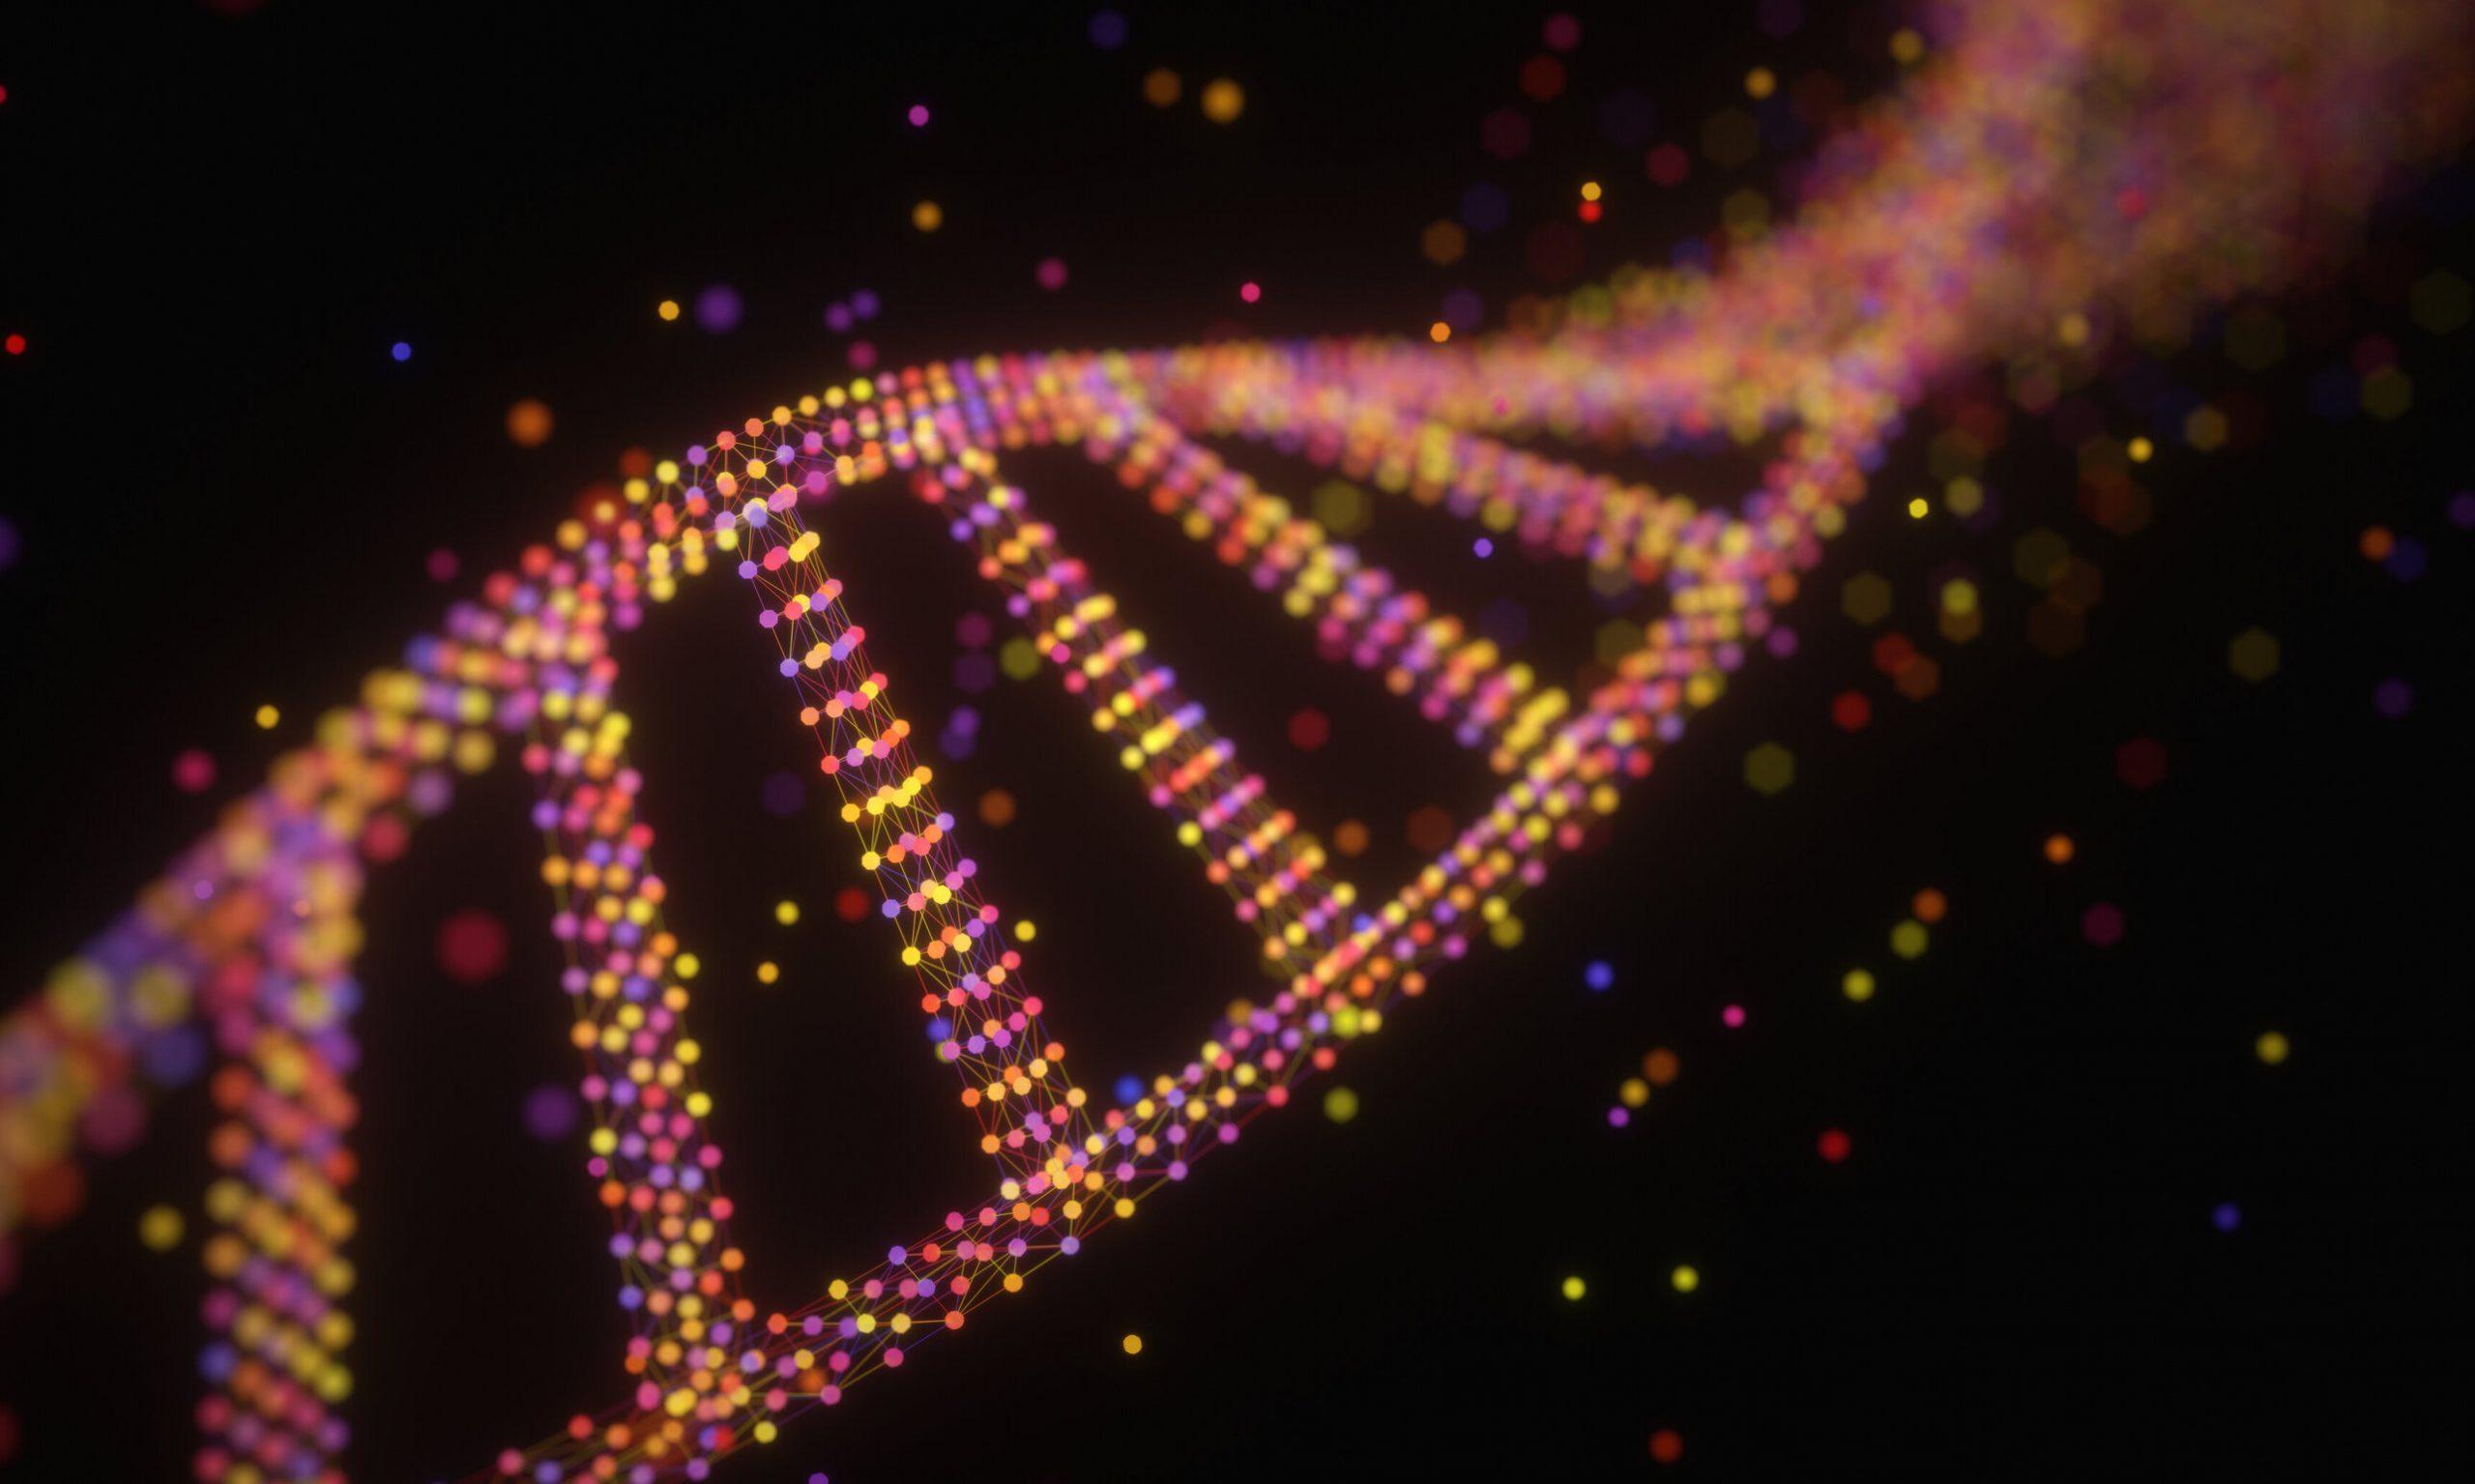 """ARN-ul SARS-Cov-2 se poate transcrie în ADN-ul uman, spun cercetătorii de la MIT. O posibilă explicație pentru """"Covid pe termen lung"""""""